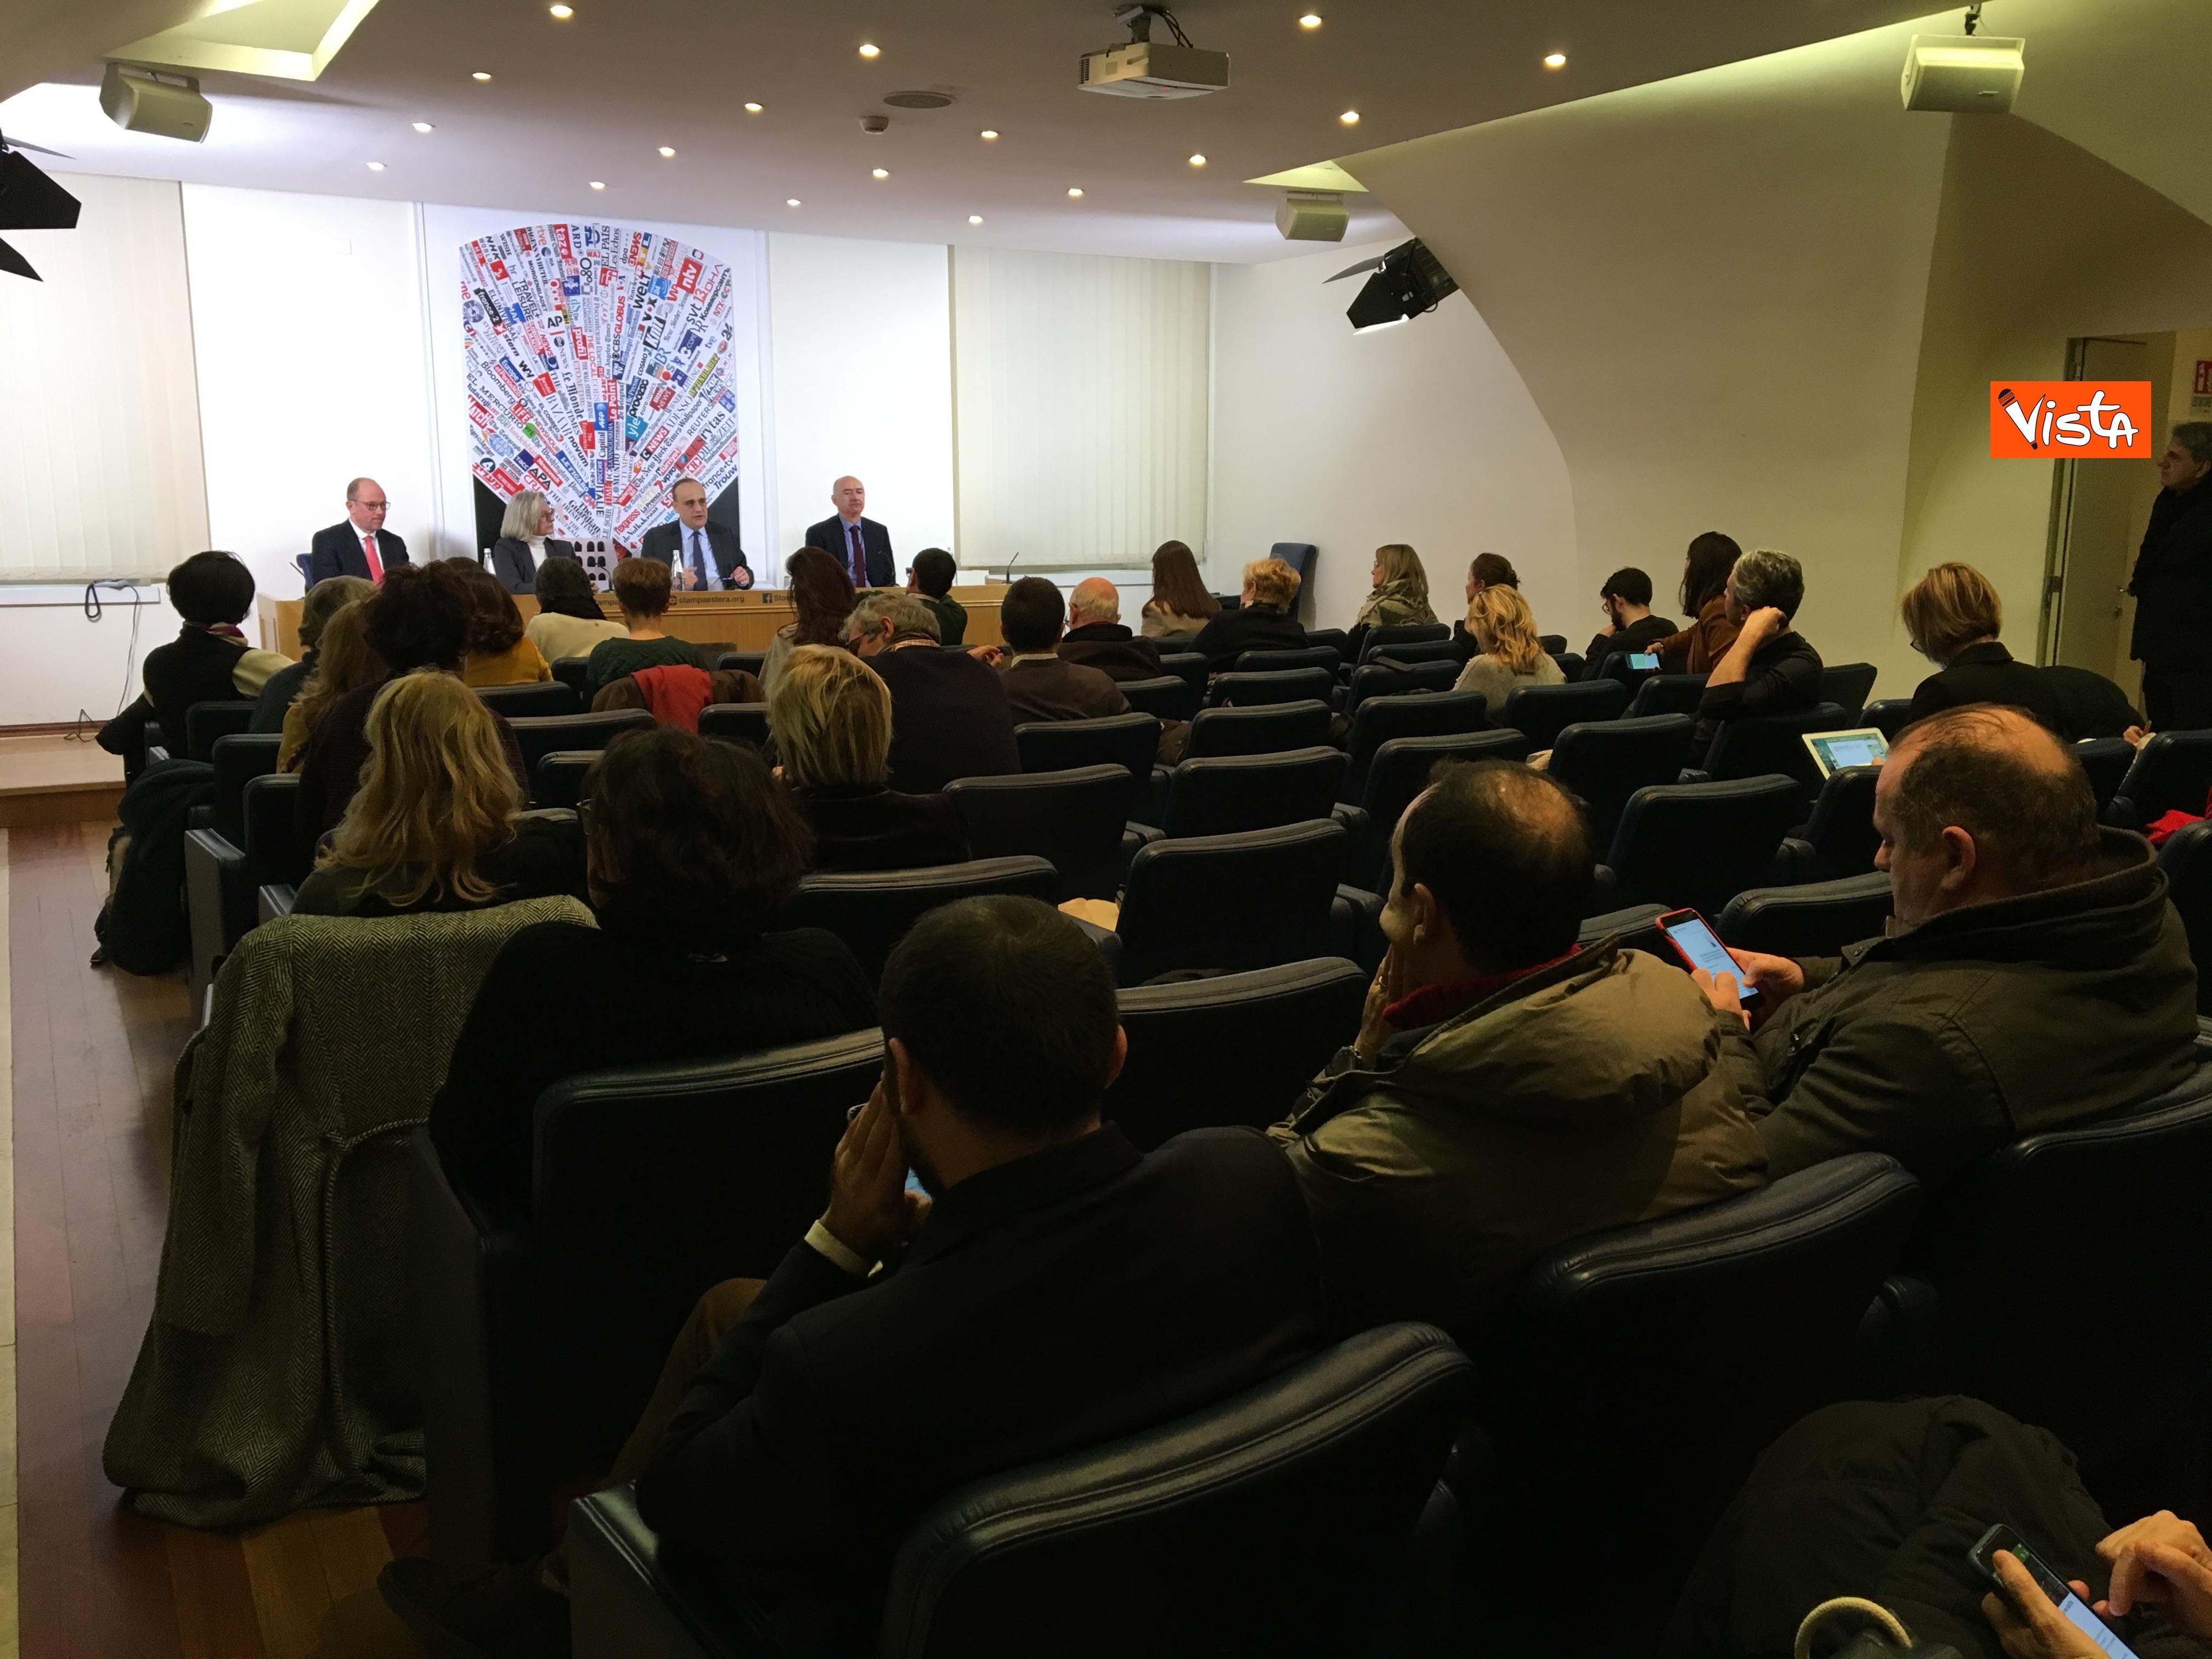 10-01-19 Bonisoli in conferenza stampa alla sede romana della stampa estera immagini_04